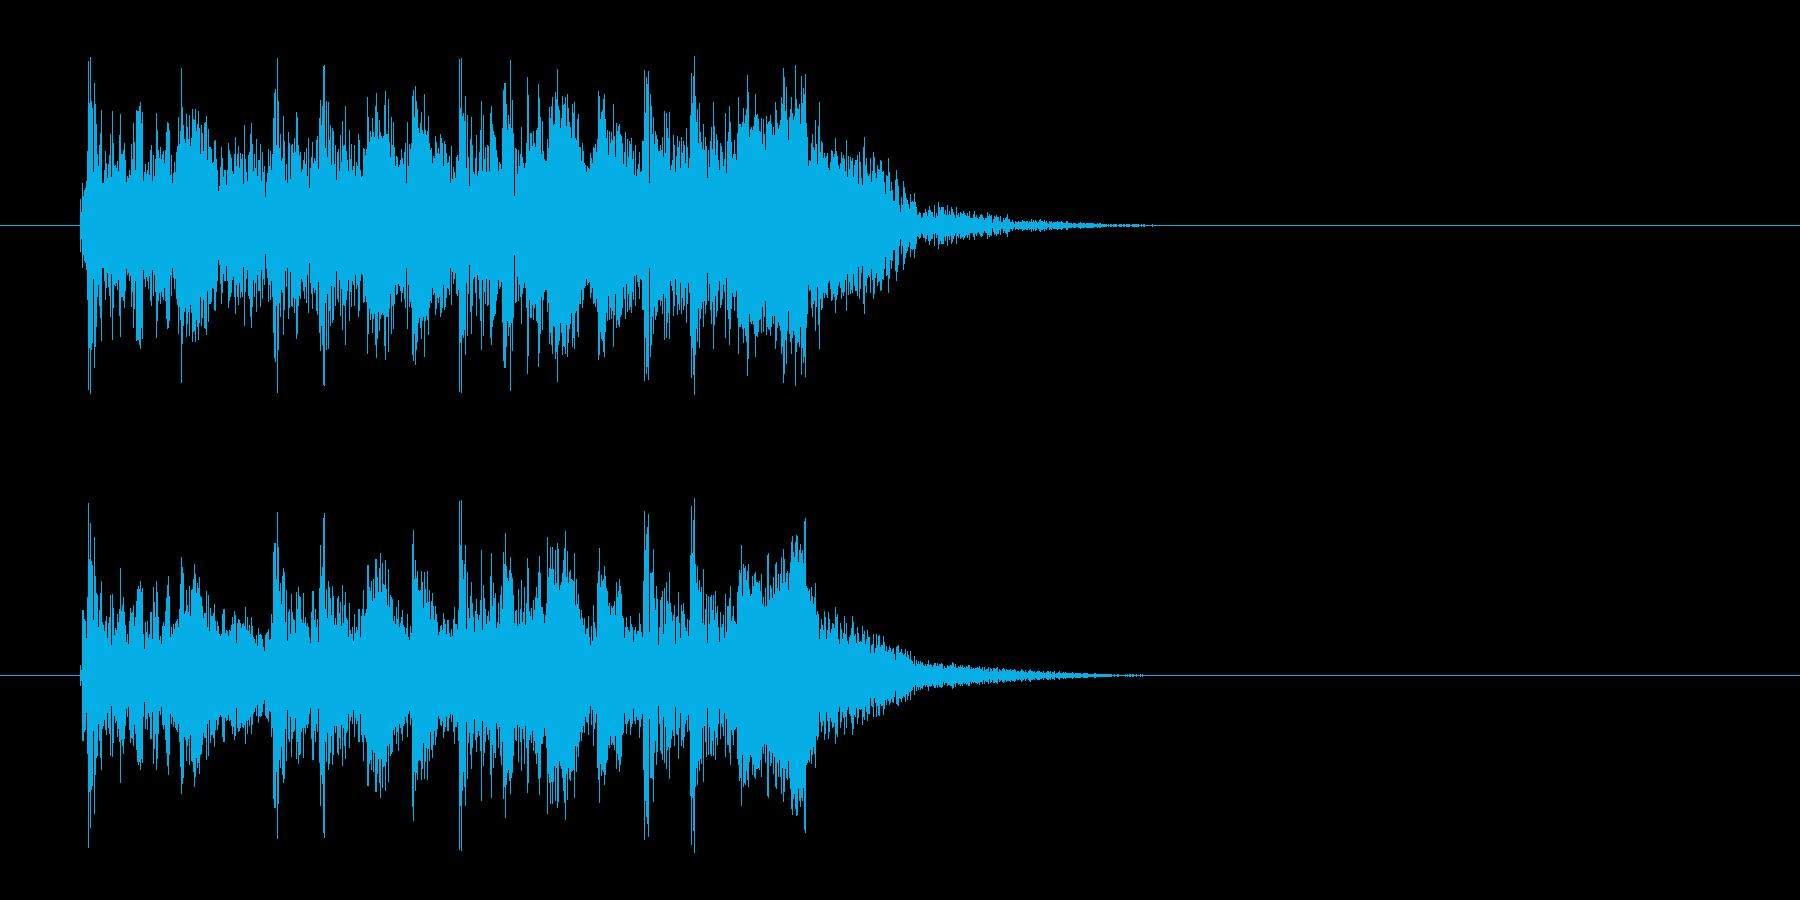 激しいギターのハードロックなジングル曲の再生済みの波形